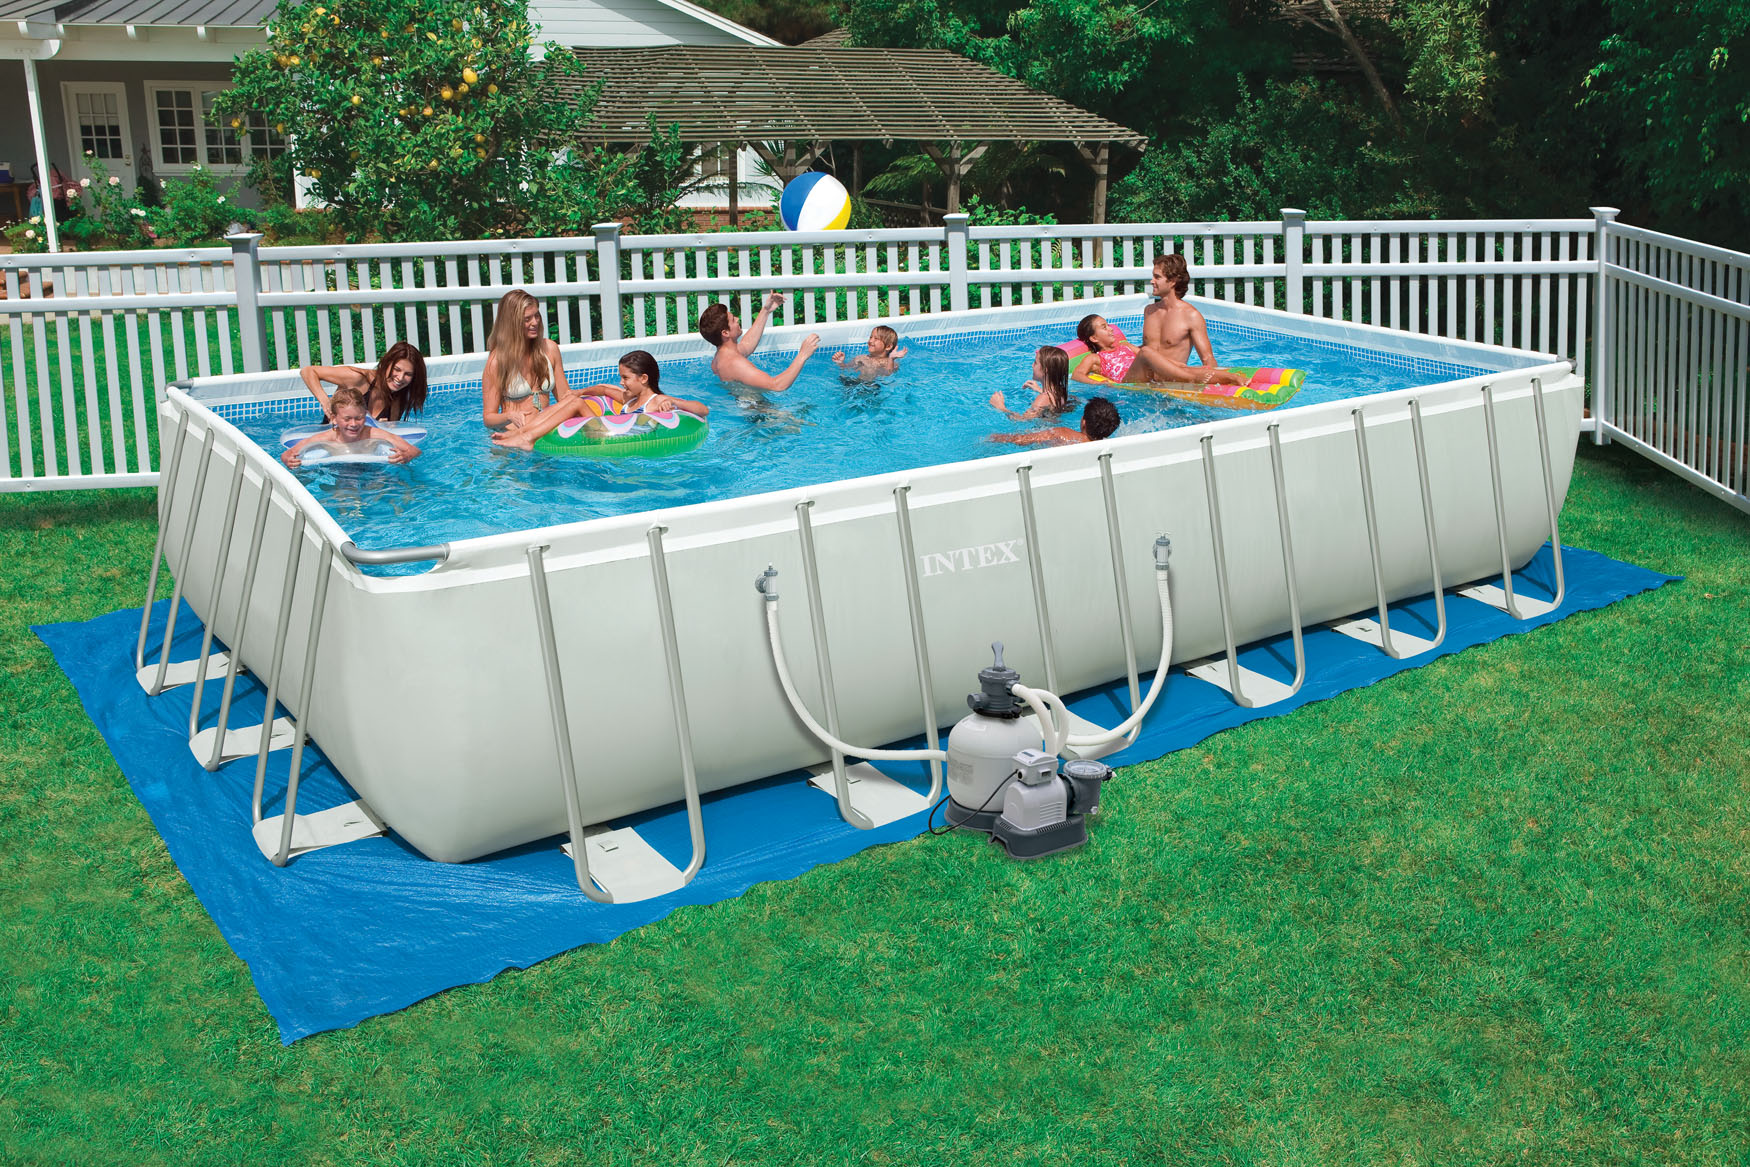 Comment Monter Une Piscine Hors Sol ▷ classement & guide d'achat : top piscines hors sol en avr